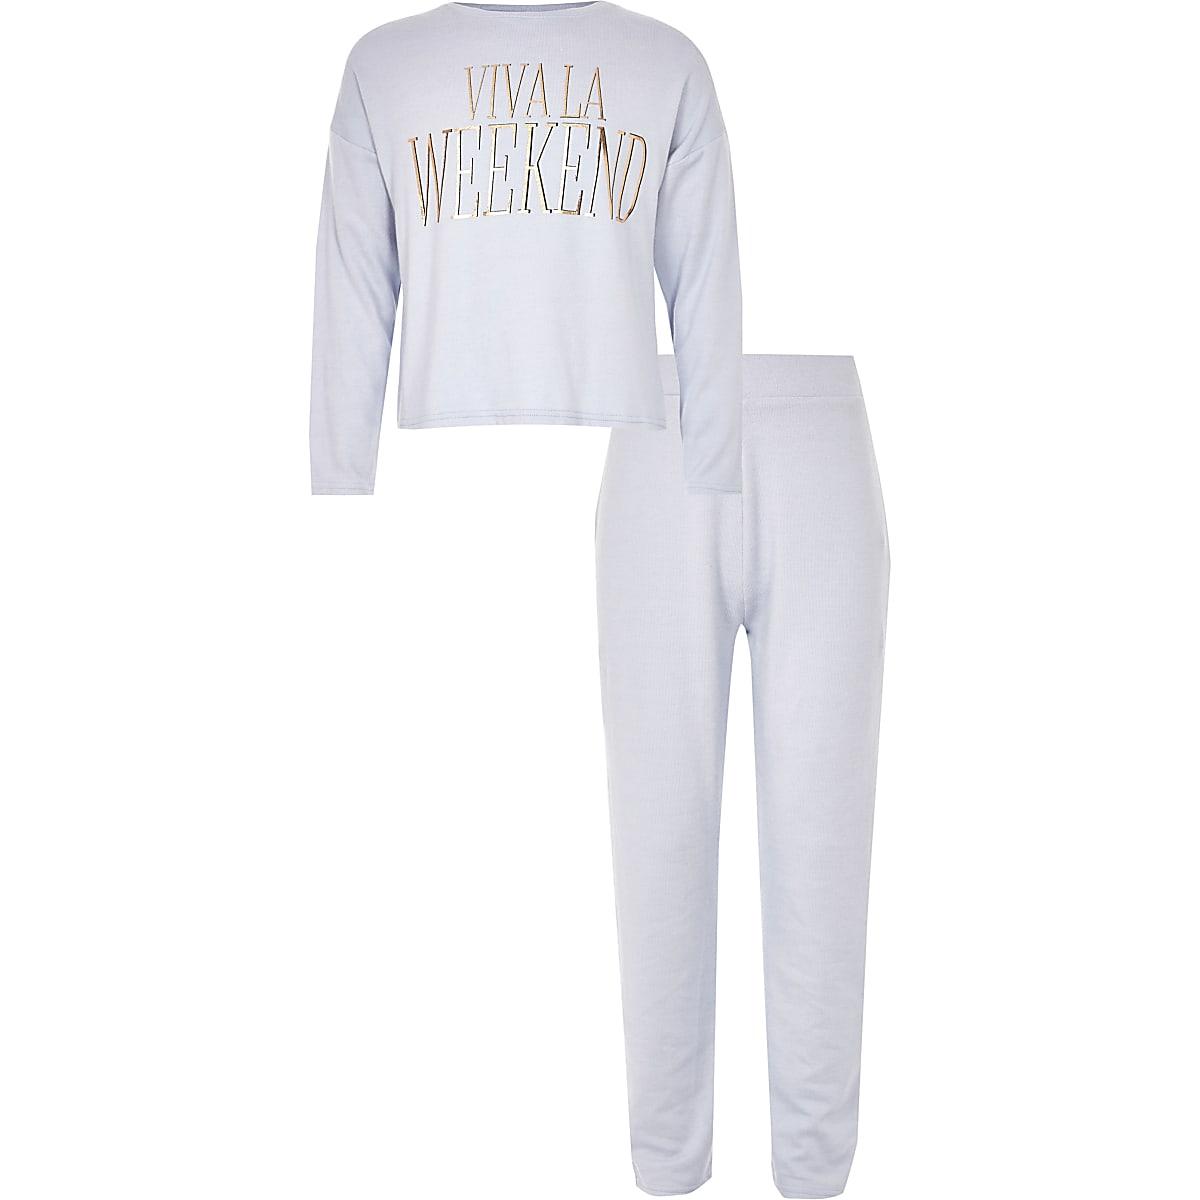 Girls blue 'Viva la weekend' pajama set